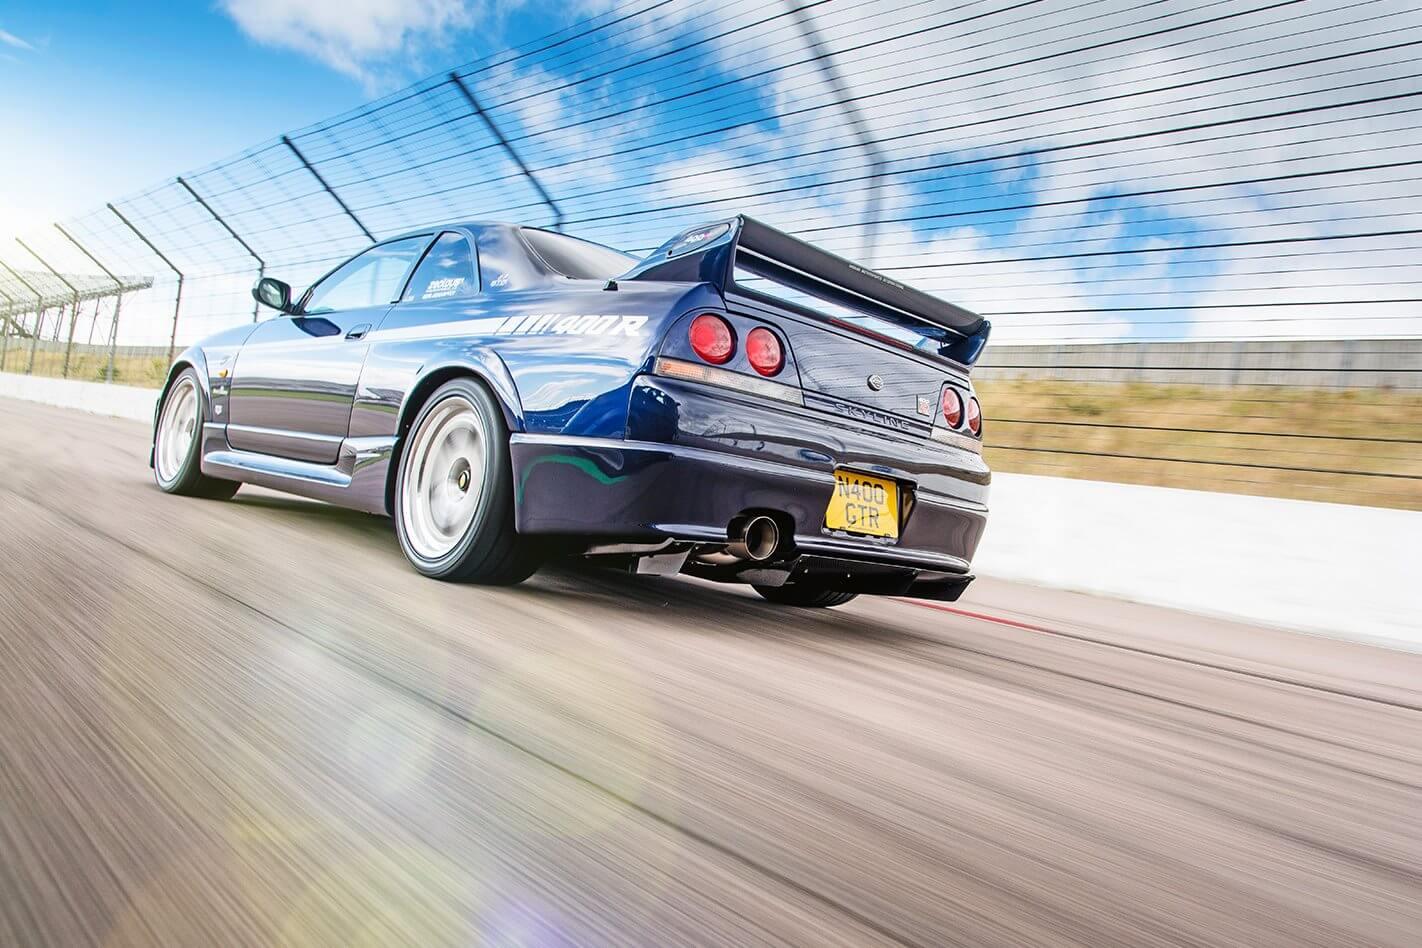 NISMO R33 400R drive